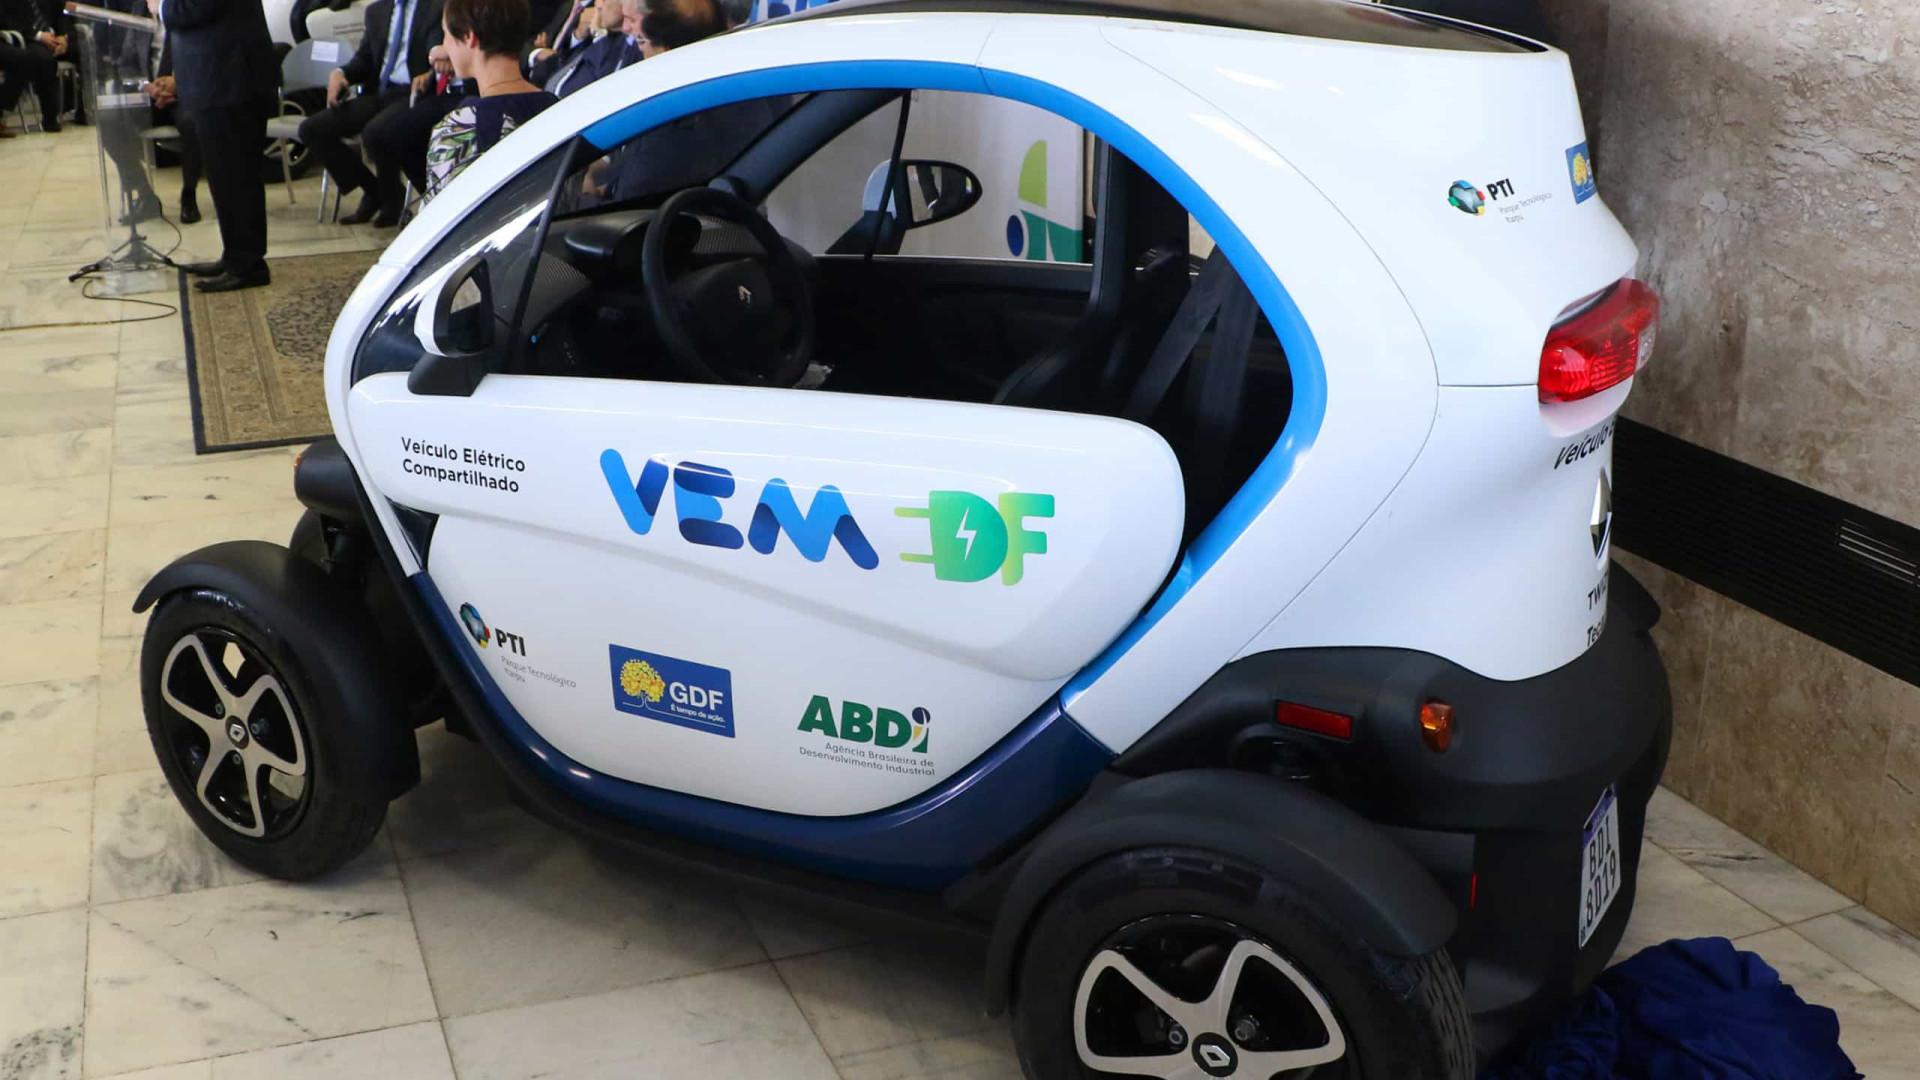 Servidores do Distrito Federal usarão carros elétricos compartilhados